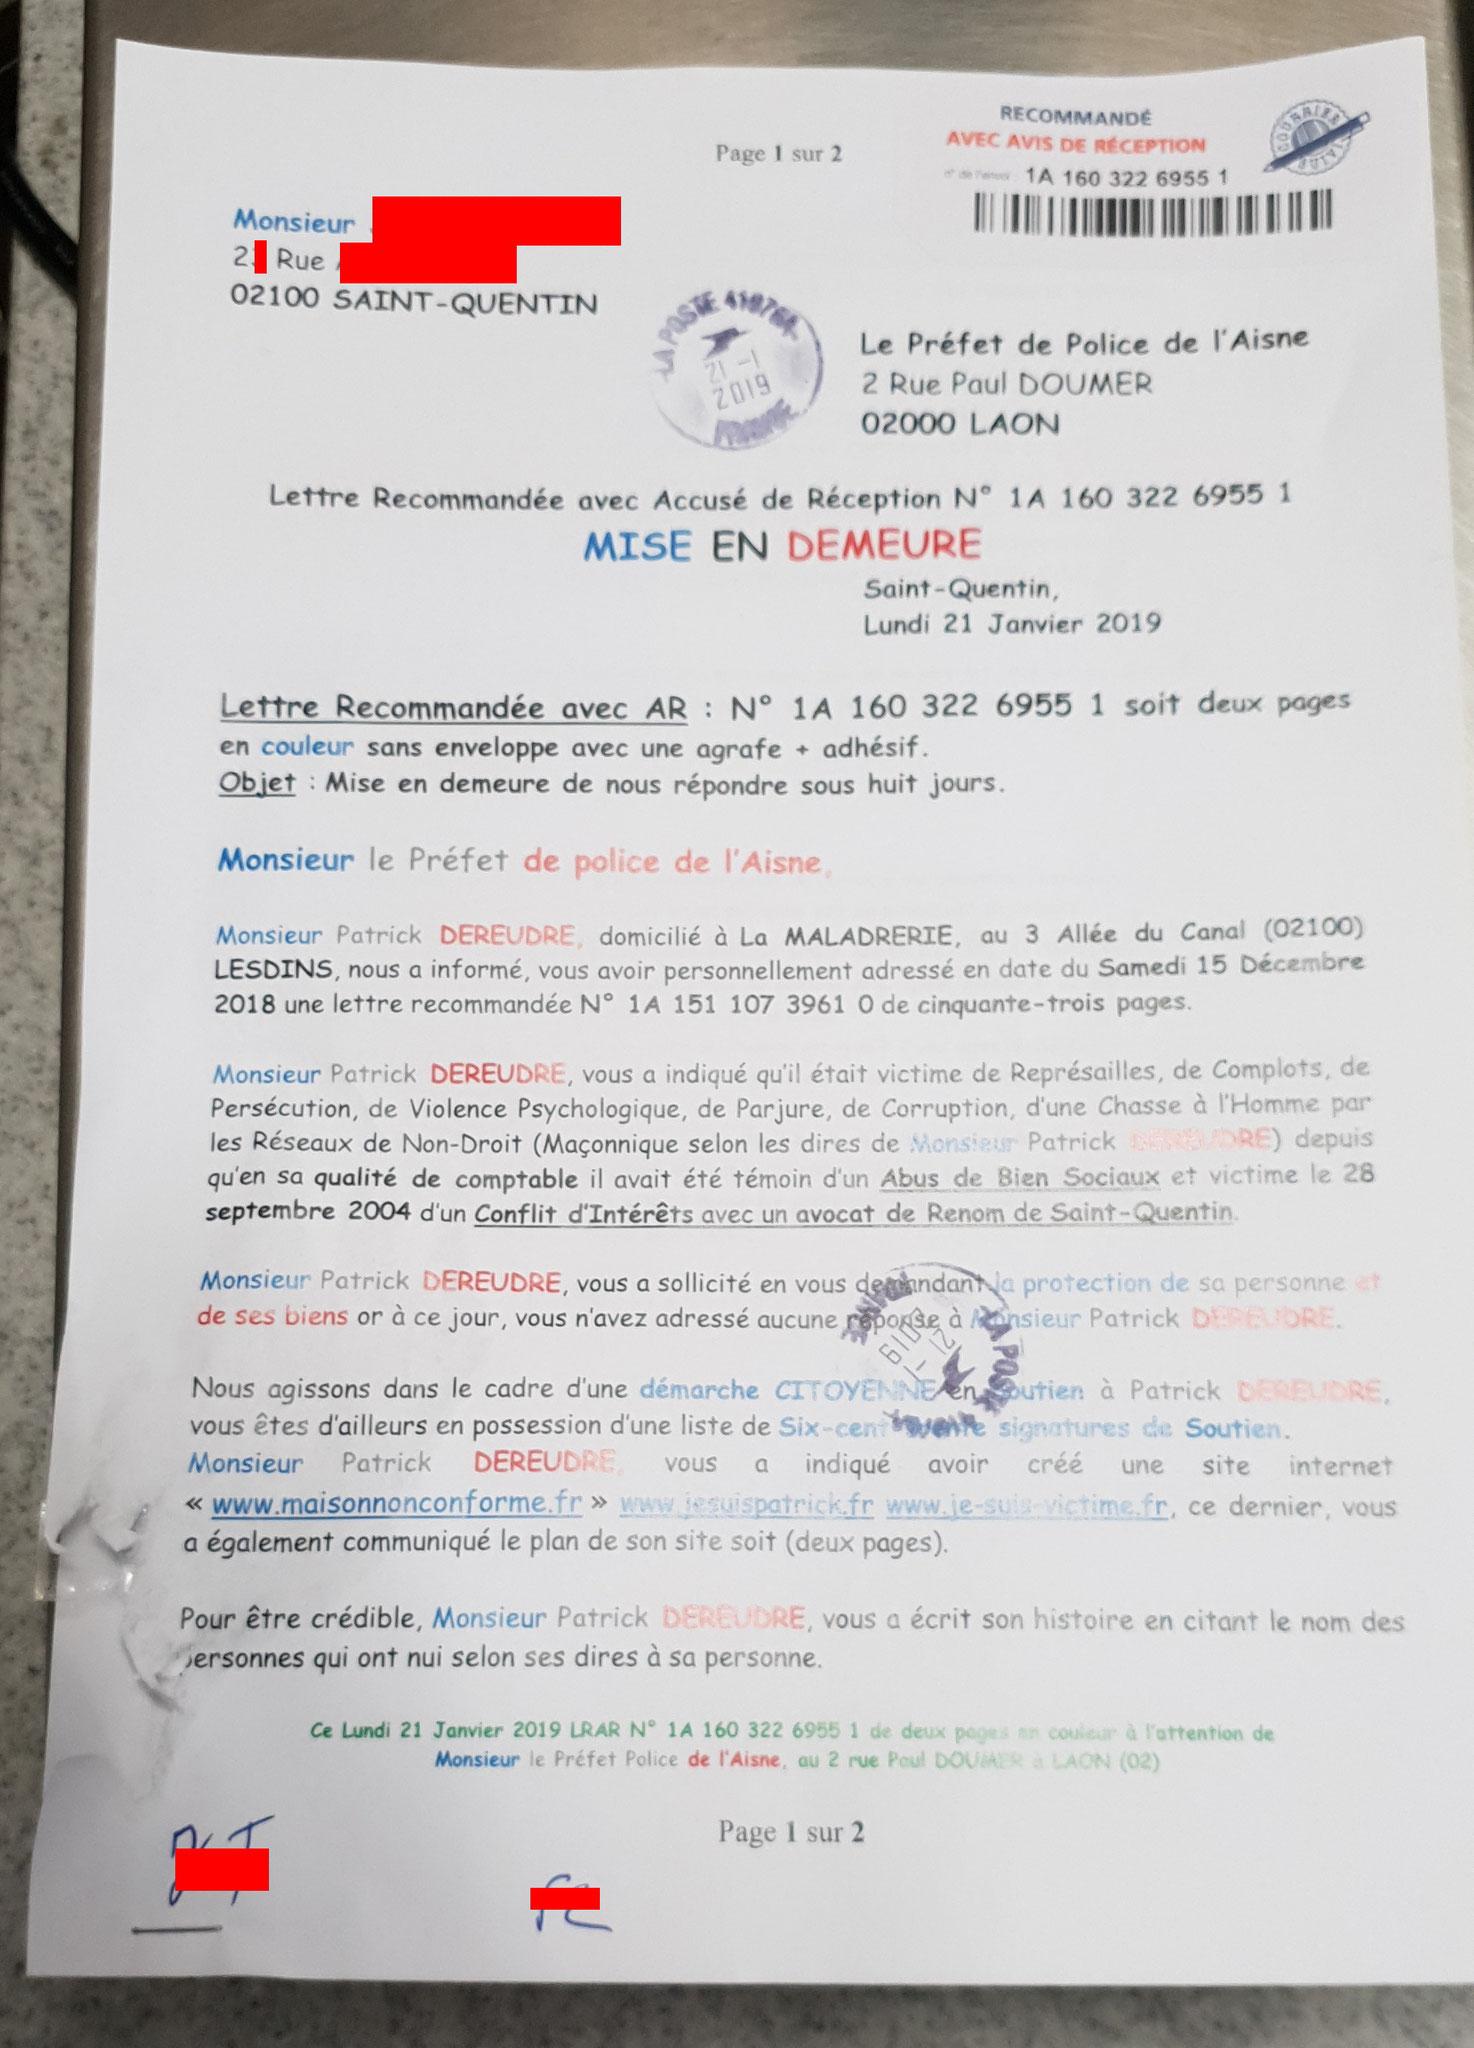 Lettre recommandée adressé  par deux personnes de mon comité de soutien en date du 21 Janvier 2019 à Monsieur Nicolas BASSELIER le Préfet de l'Aisne (Sans Réponse!!!) www.jenesuispasunchien.fr www.jesuisvictime.fr www.jesuispatrick.fr NE RENONCEZ PAS